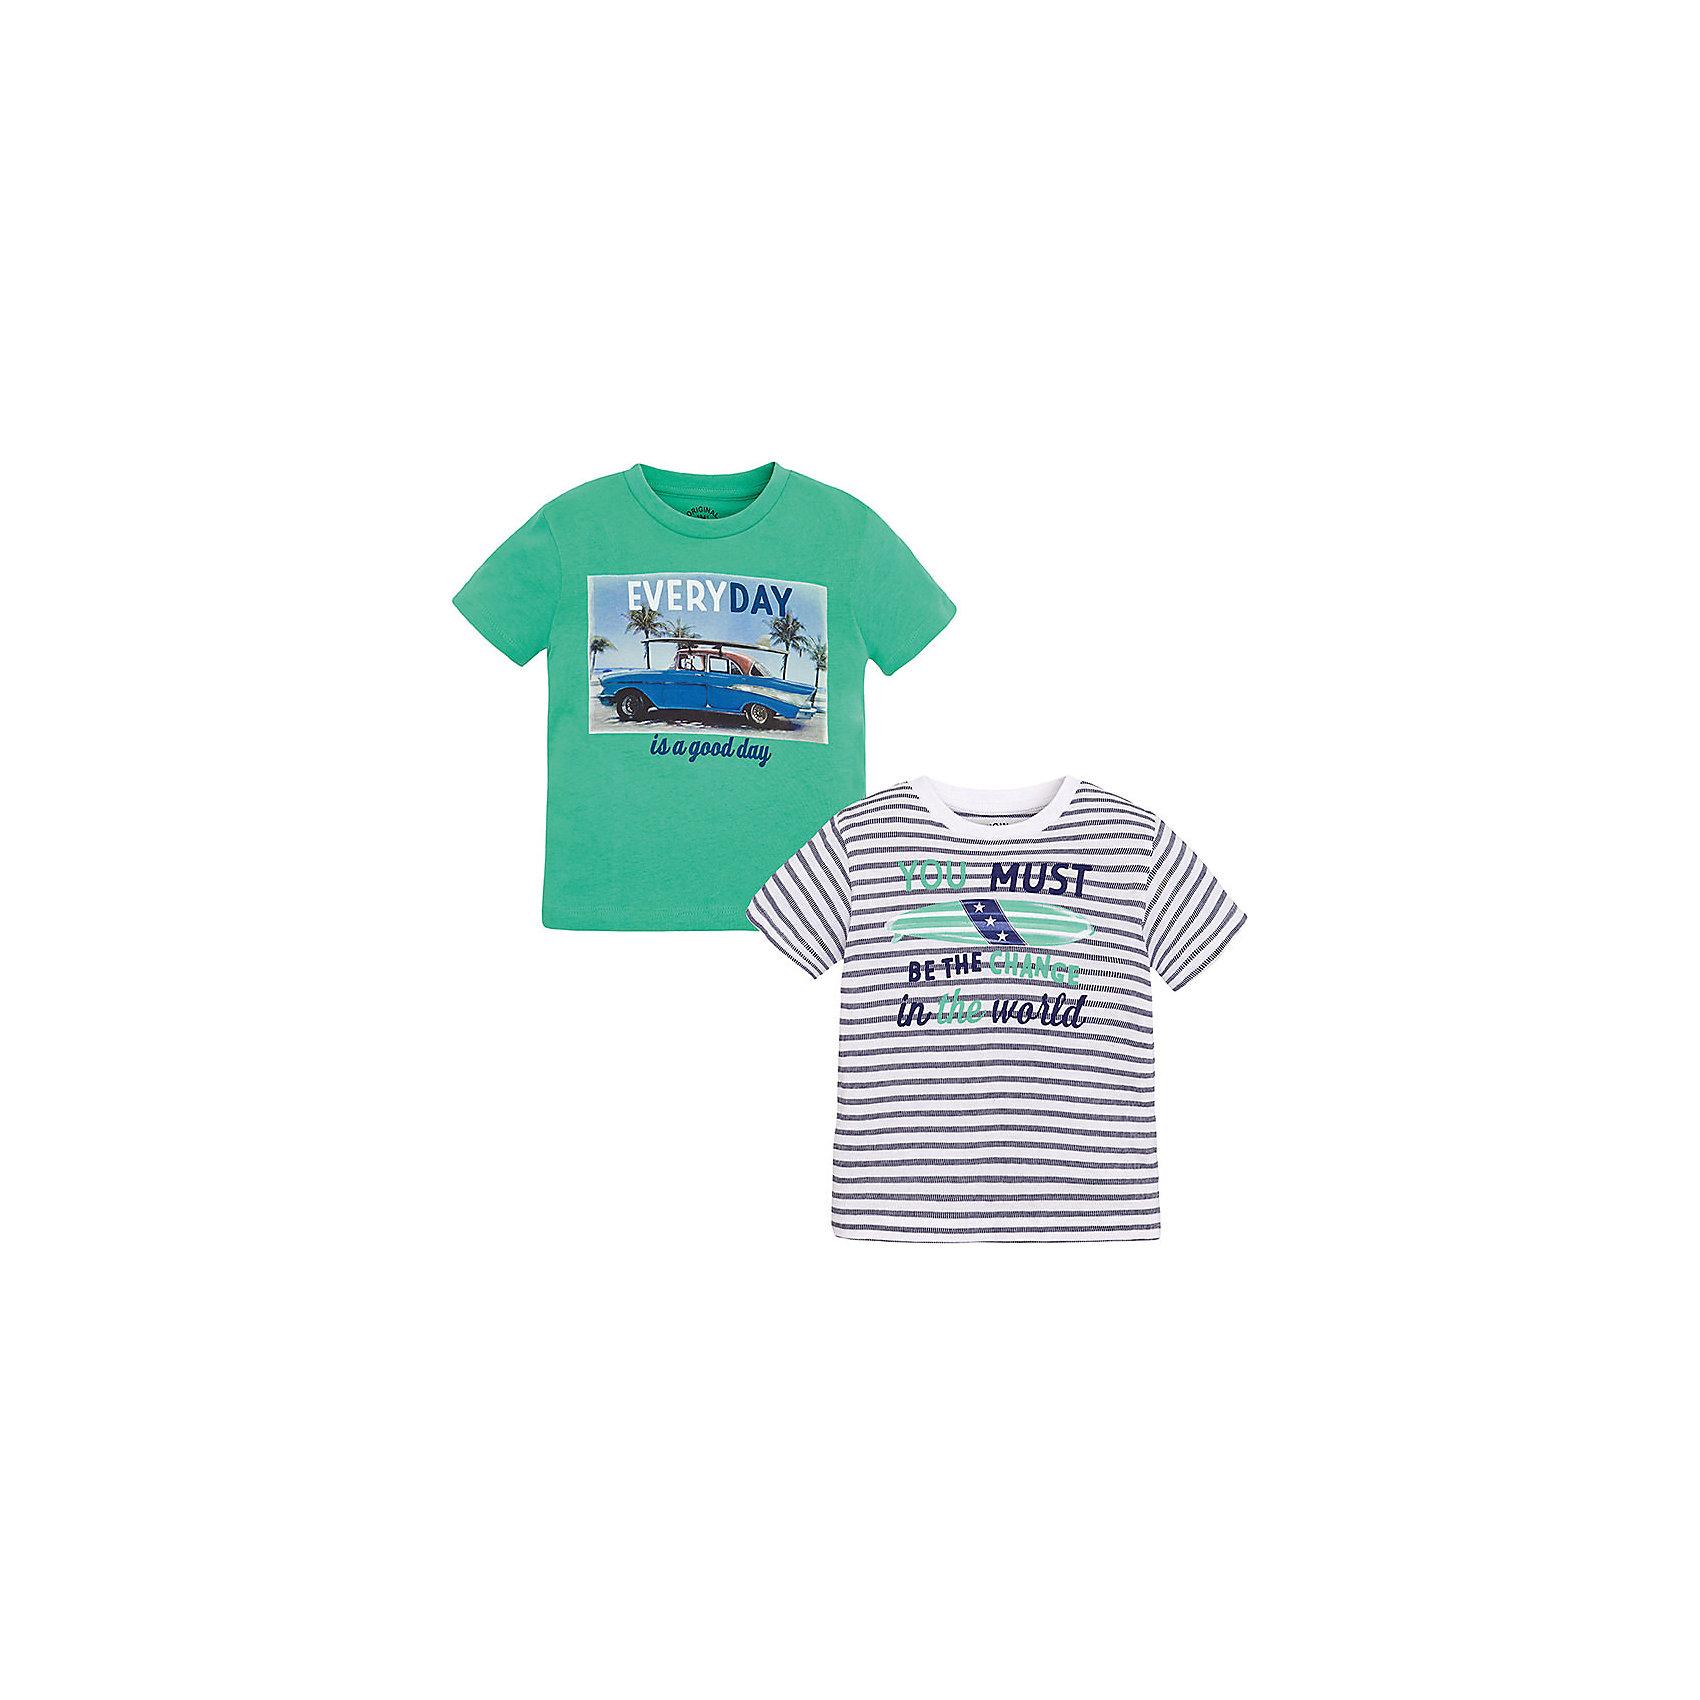 Футболка для мальчика, 2 шт. MayoralКомплект  из двух футболок для мальчика от известной испанской марки Mayoral <br><br>Комплект из двух стильных футболок с длинным рукавом от Mayoral – отличный вариант универсальной одежды для детей. Удобный крой и качественный материал обеспечит ребенку комфорт при ношении этих вещей. Натуральный хлопок в составе изделий делает материал дышащим и мягким.<br><br>Особенности модели:<br><br>- цвет: зеленый, синий, белый;<br>- рукава короткие;<br>- окантовка ворота;<br>- украшены принтом;<br>- натуральный материал.<br><br>Дополнительная информация:<br><br>Состав: 100% хлопок<br><br>Комплект из двух футболок для мальчика Mayoral (Майорал) можно купить в нашем магазине.<br><br>Ширина мм: 199<br>Глубина мм: 10<br>Высота мм: 161<br>Вес г: 151<br>Цвет: зеленый<br>Возраст от месяцев: 96<br>Возраст до месяцев: 108<br>Пол: Мужской<br>Возраст: Детский<br>Размер: 134,128,122,110,104,92,98,116<br>SKU: 4541372